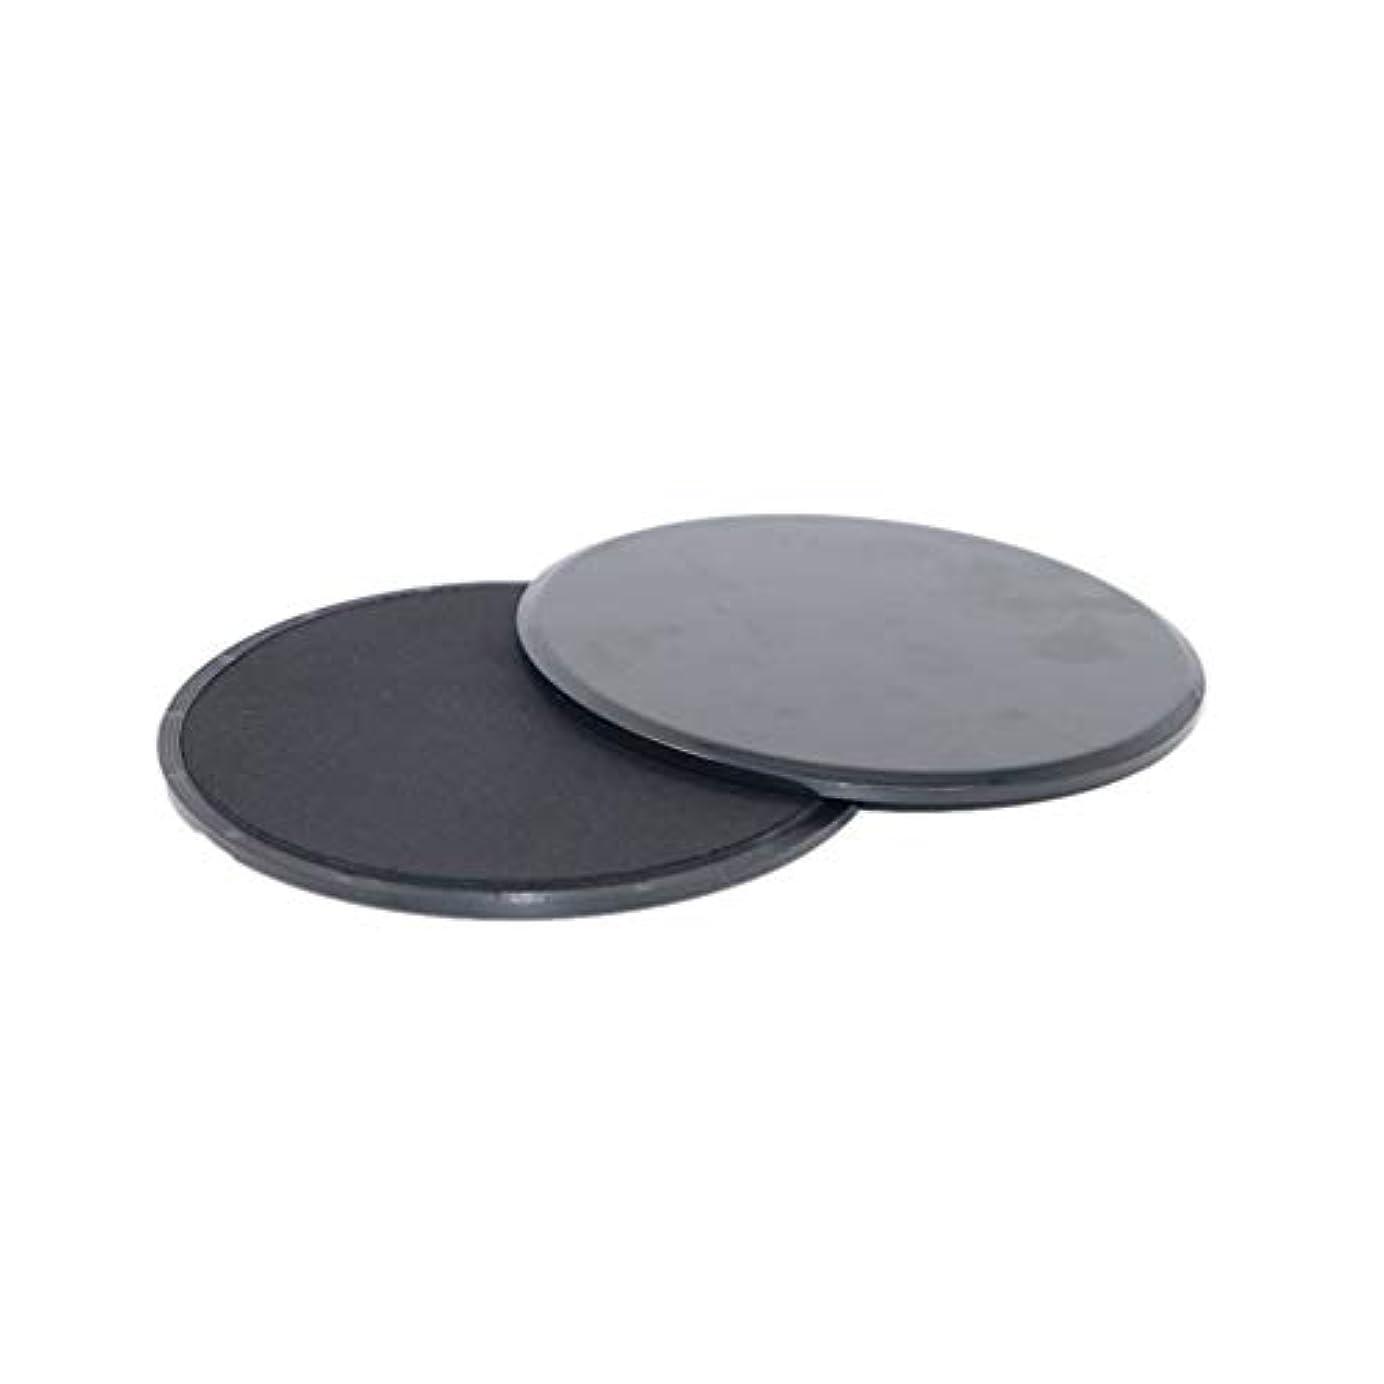 派生する後退する感覚フィットネススライドグライディングディスク調整能力フィットネスエクササイズスライダーコアトレーニング腹部と全身トレーニング用 - ブラック